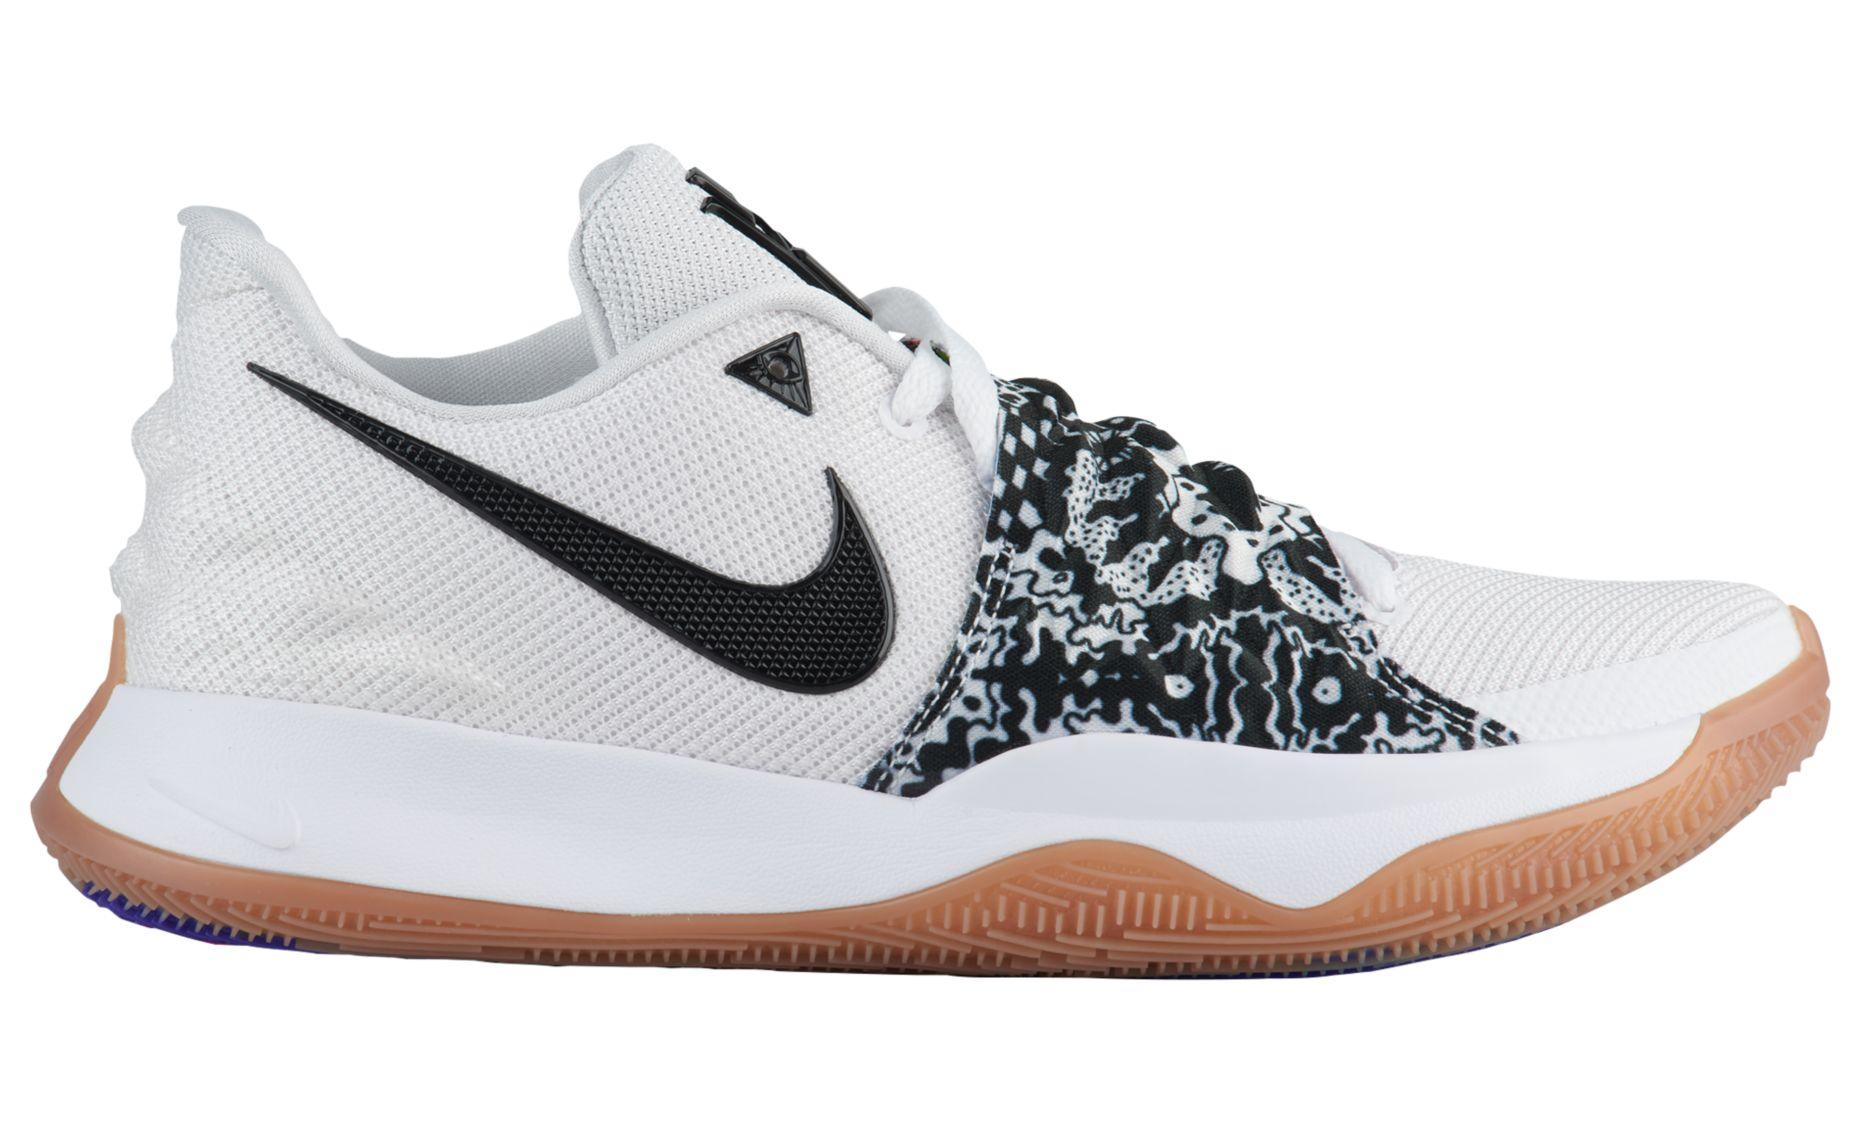 Nike kyrie 4 low